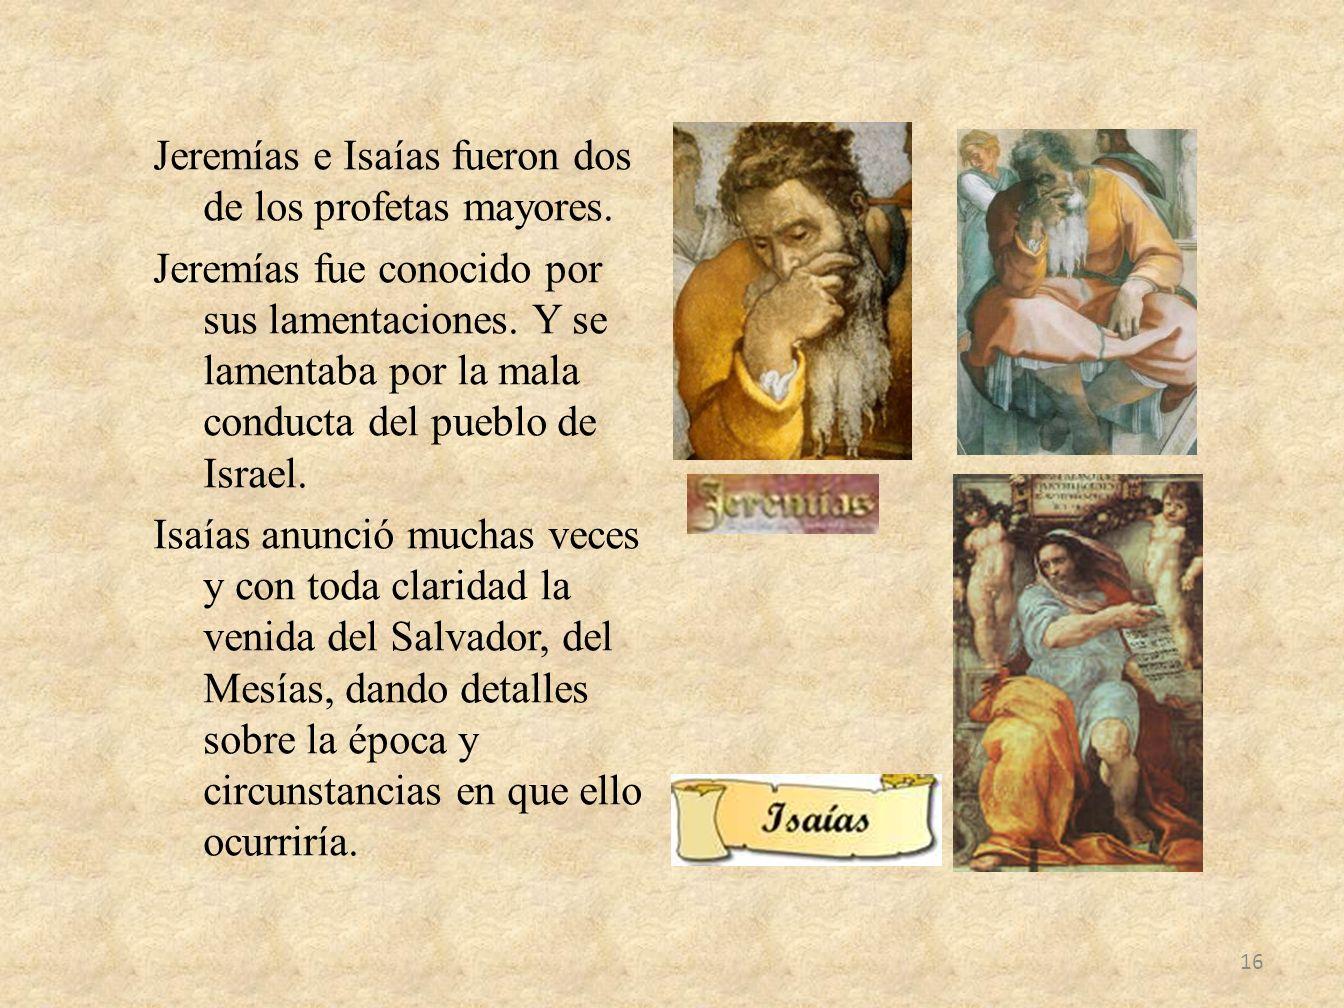 Jeremías e Isaías fueron dos de los profetas mayores